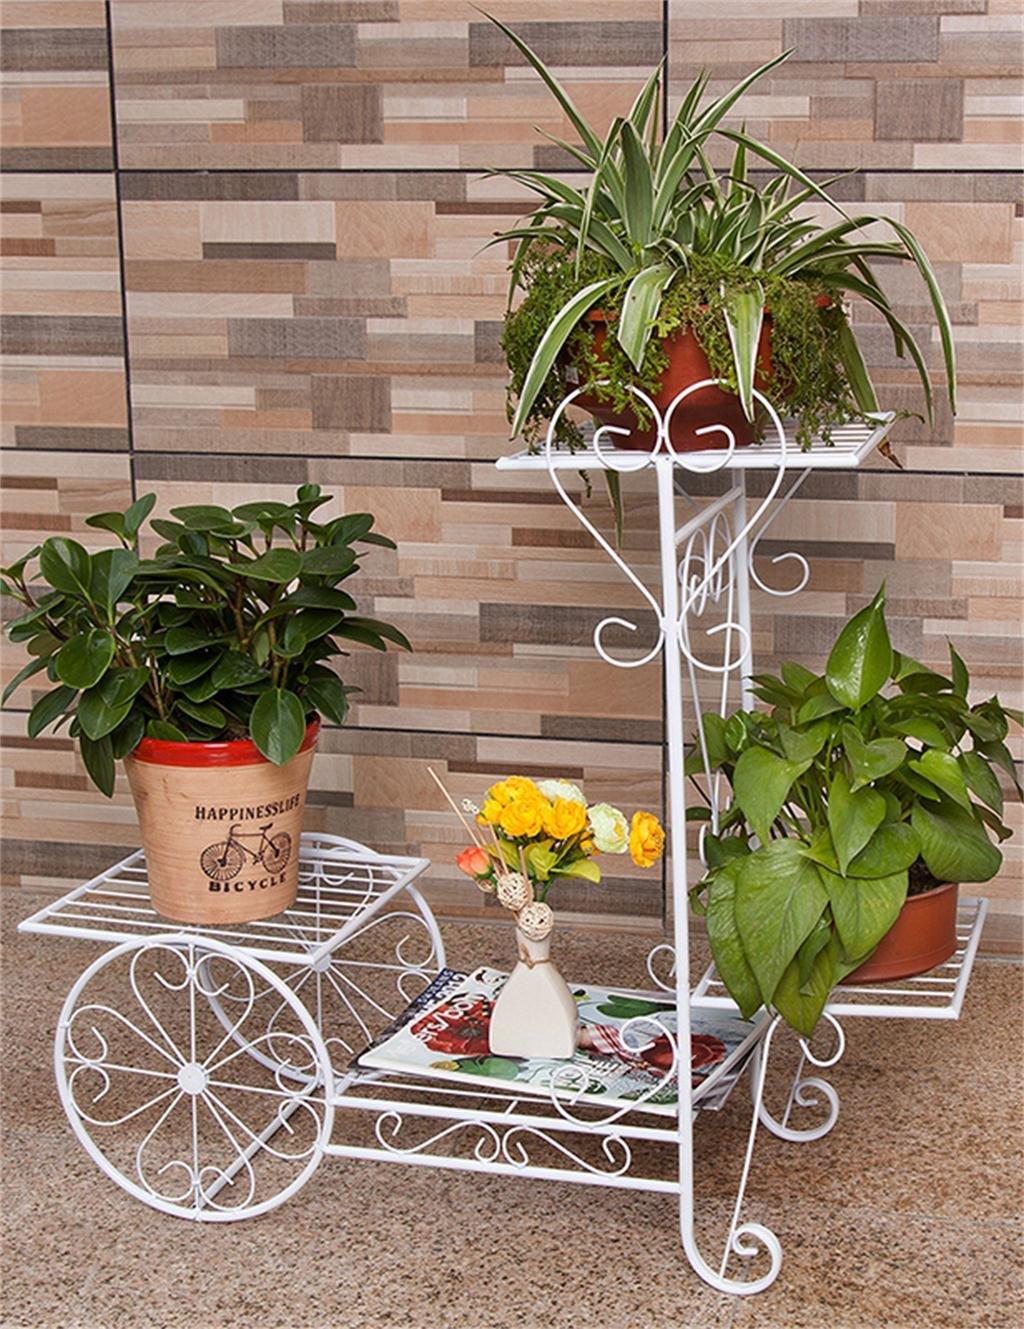 Continental Iron Fahrrad-Modelle Boden Flower Pot Regal, grün Dill hängende Orchidee Rack, Pflanzen stehen für Innen-, Wohnzimmer, Balkon ( farbe : Weiß , größe : L )